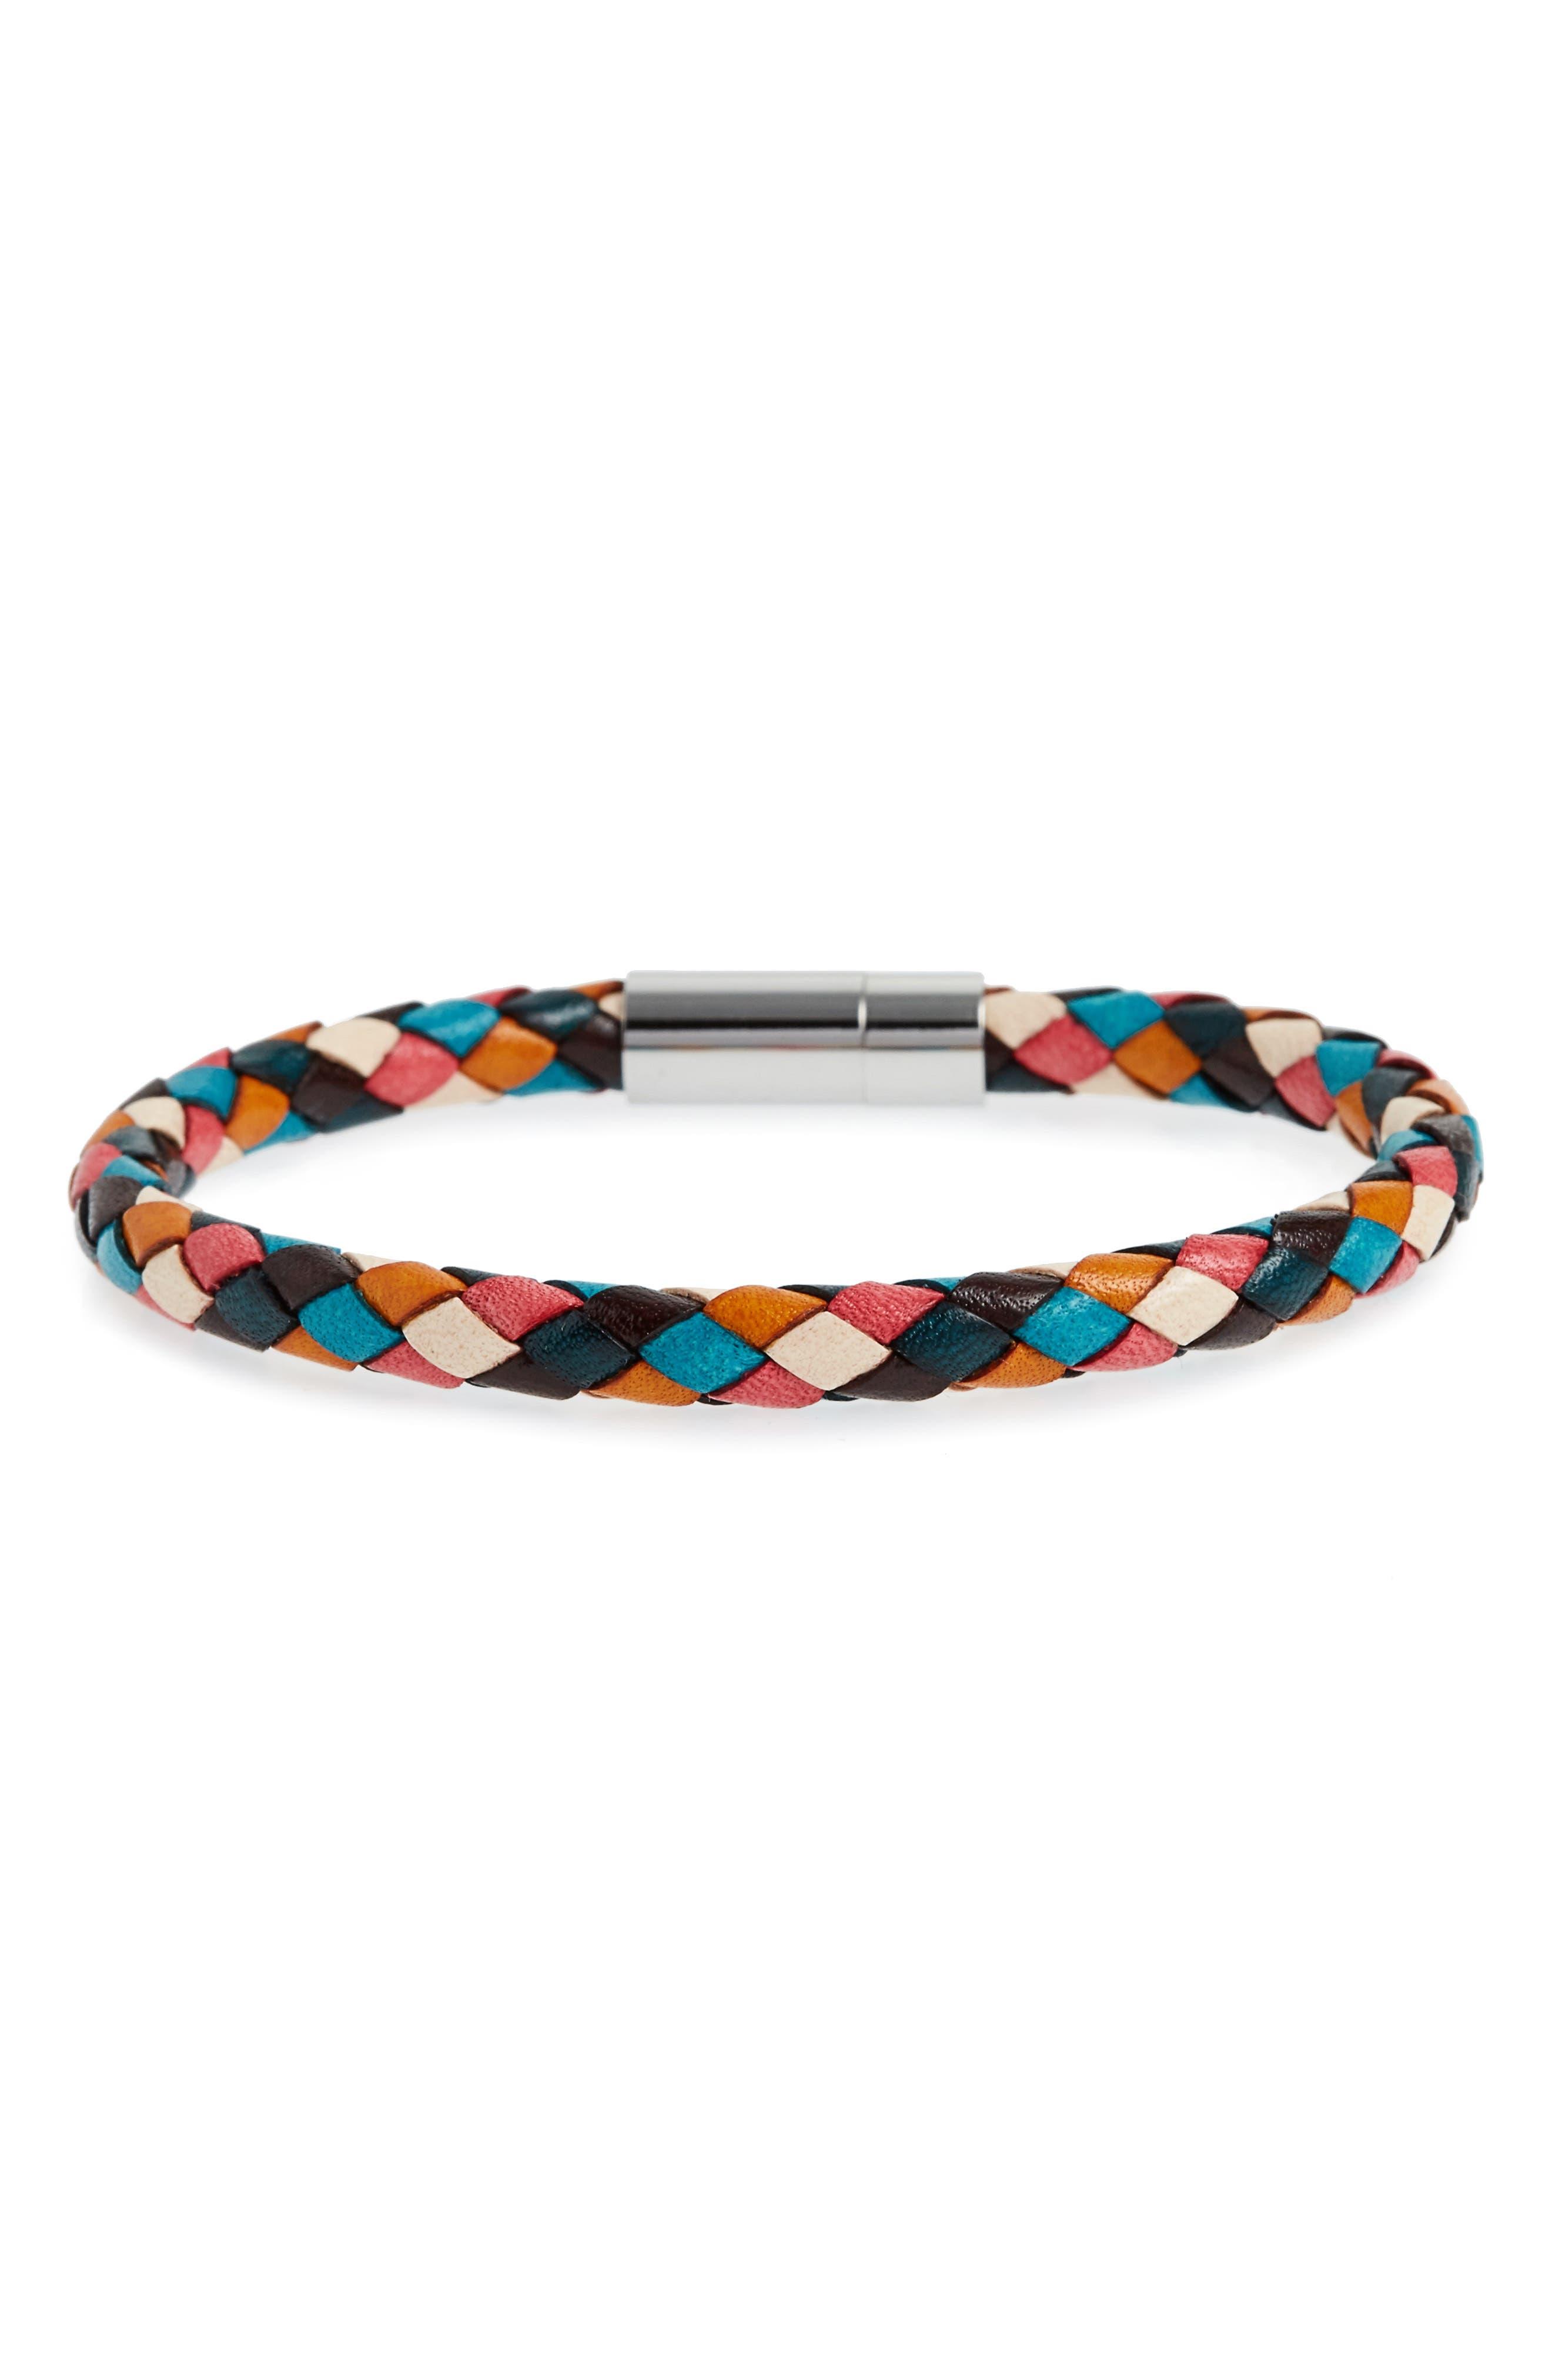 Woven Leather Bracelet,                             Main thumbnail 1, color,